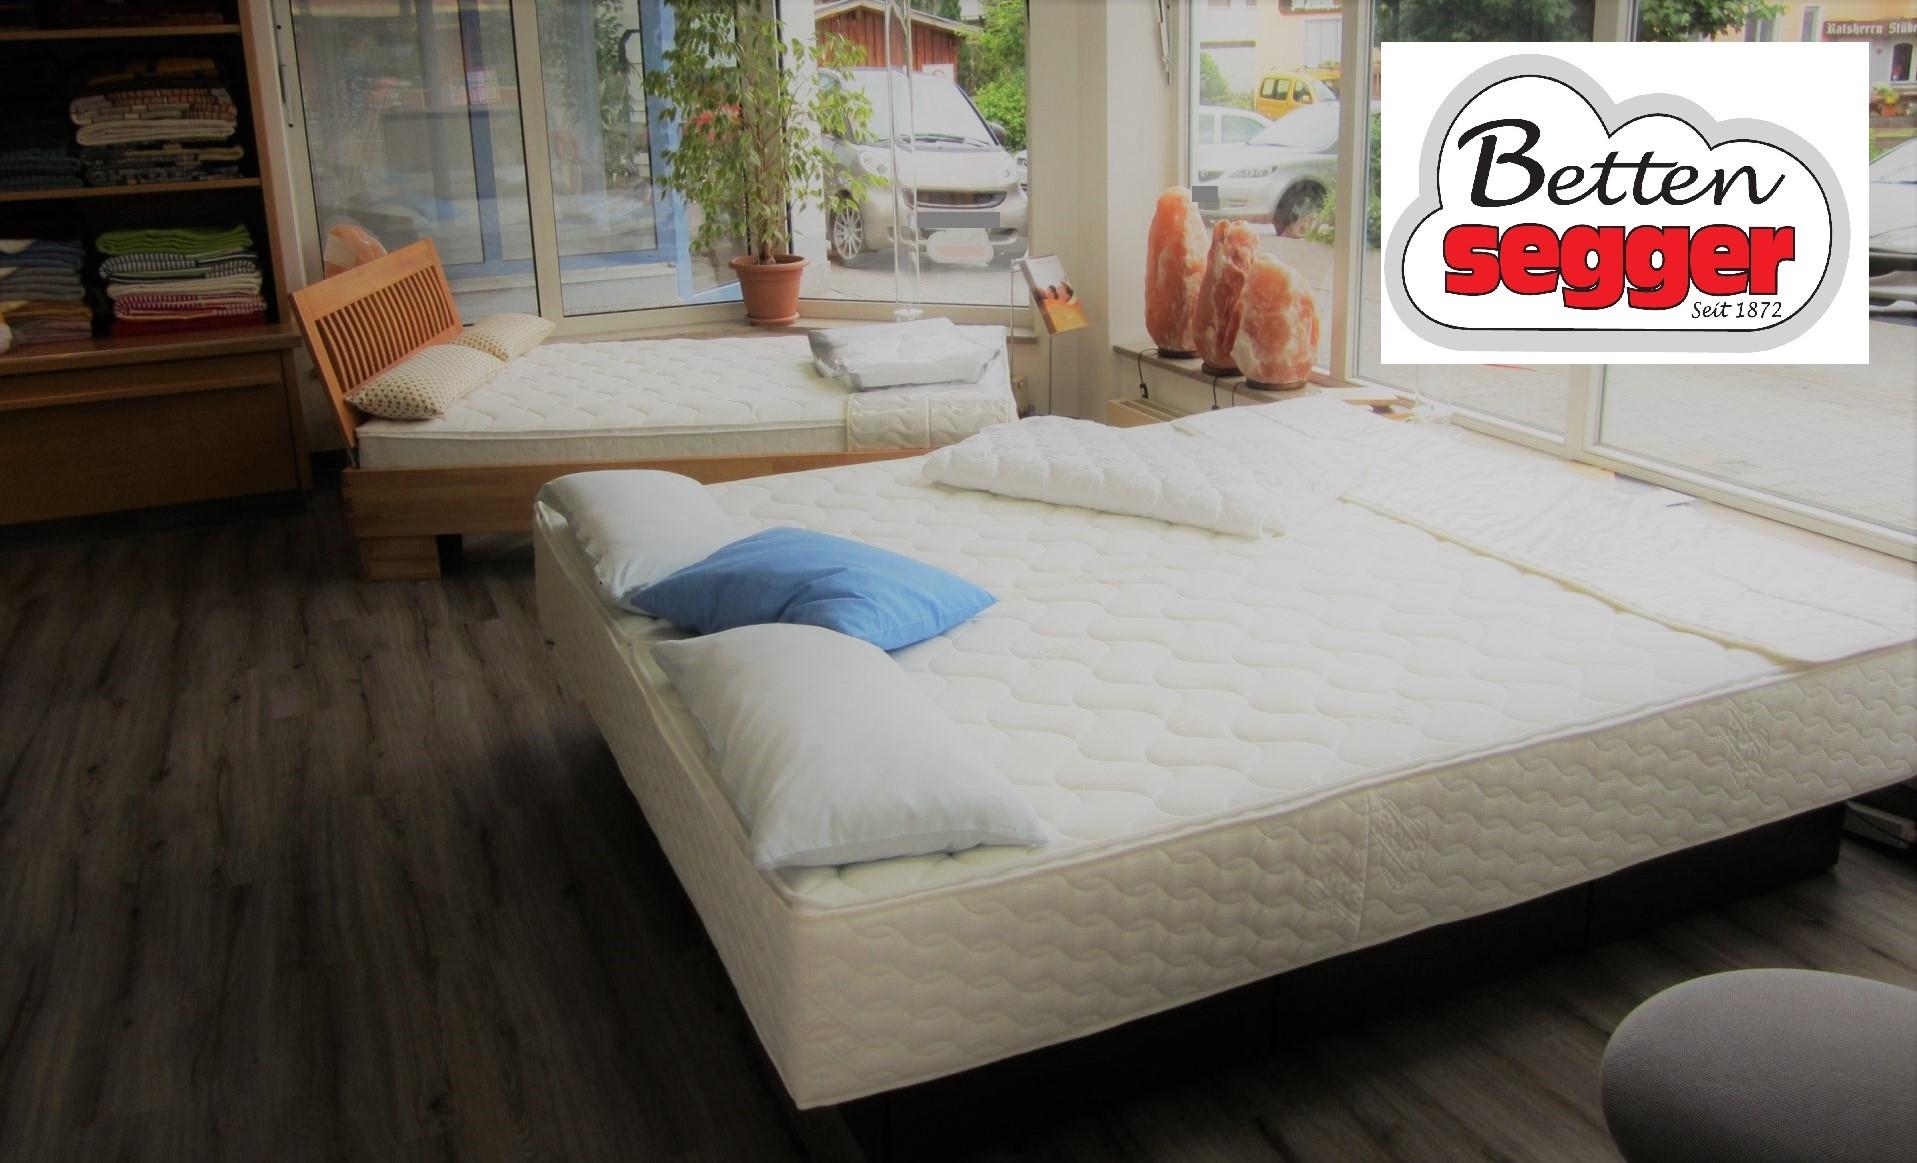 wasserbetten infos betten segger. Black Bedroom Furniture Sets. Home Design Ideas